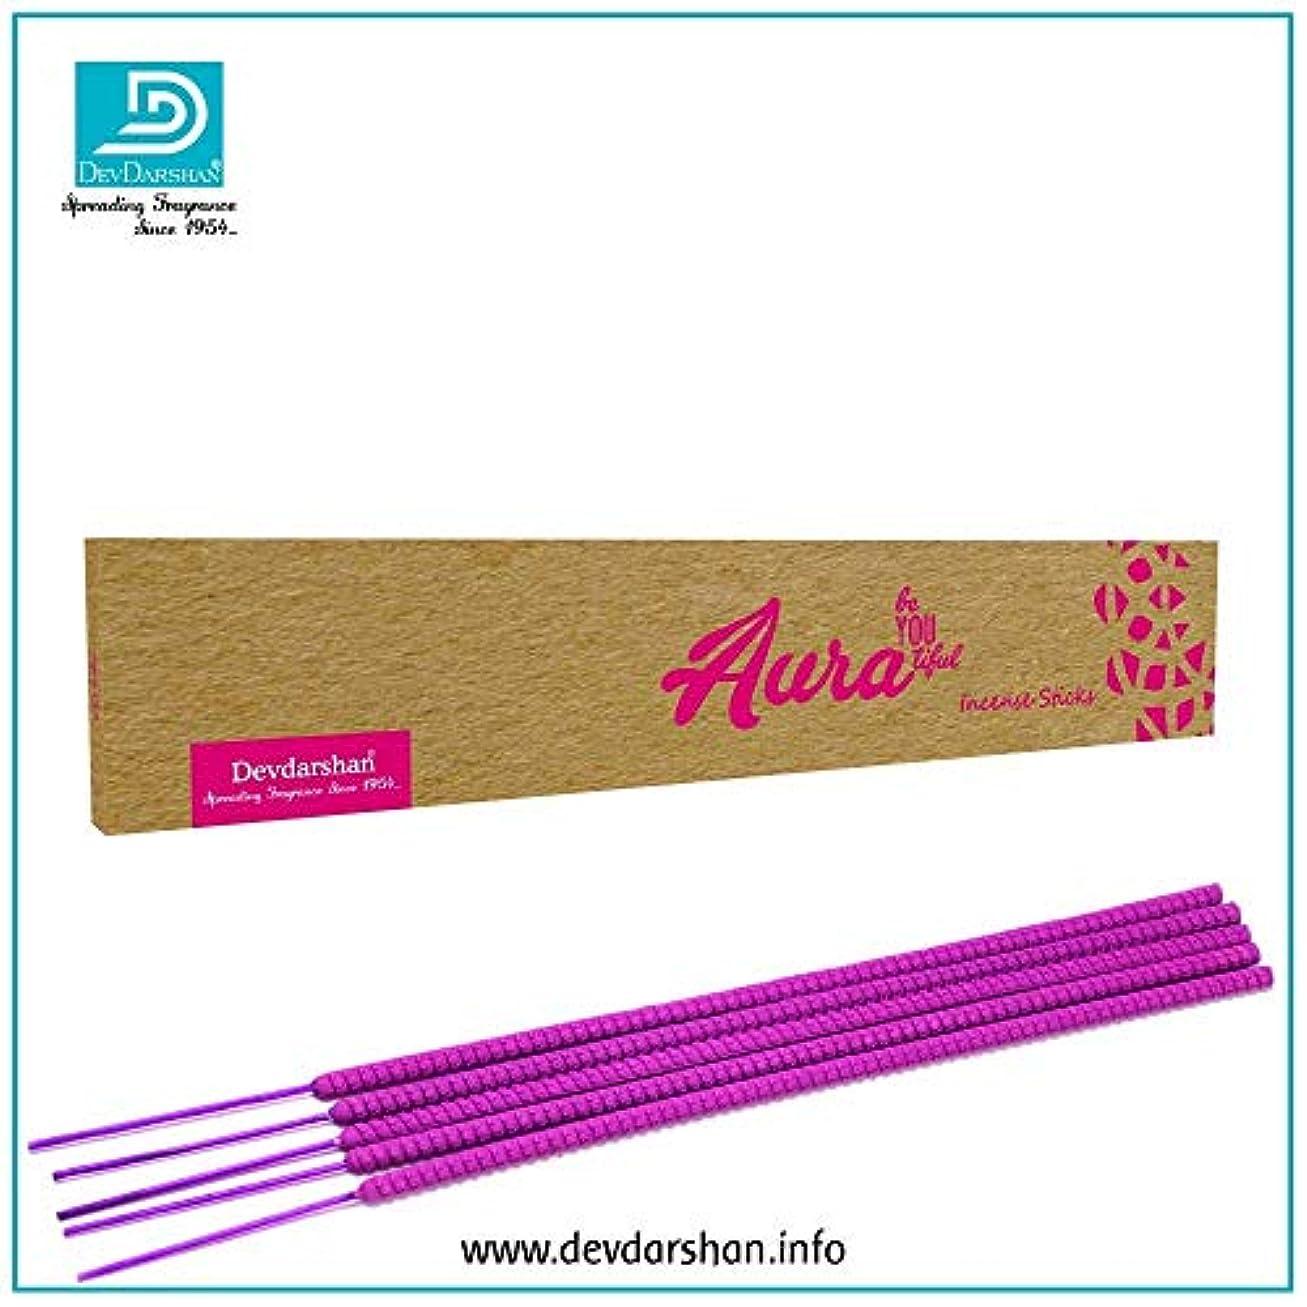 弱いピッチャー前置詞Devdarshan Aura Exotic 16 Inch Incense Sticks with 2 Hours Burning (2 Packs of 5 Stick Each)